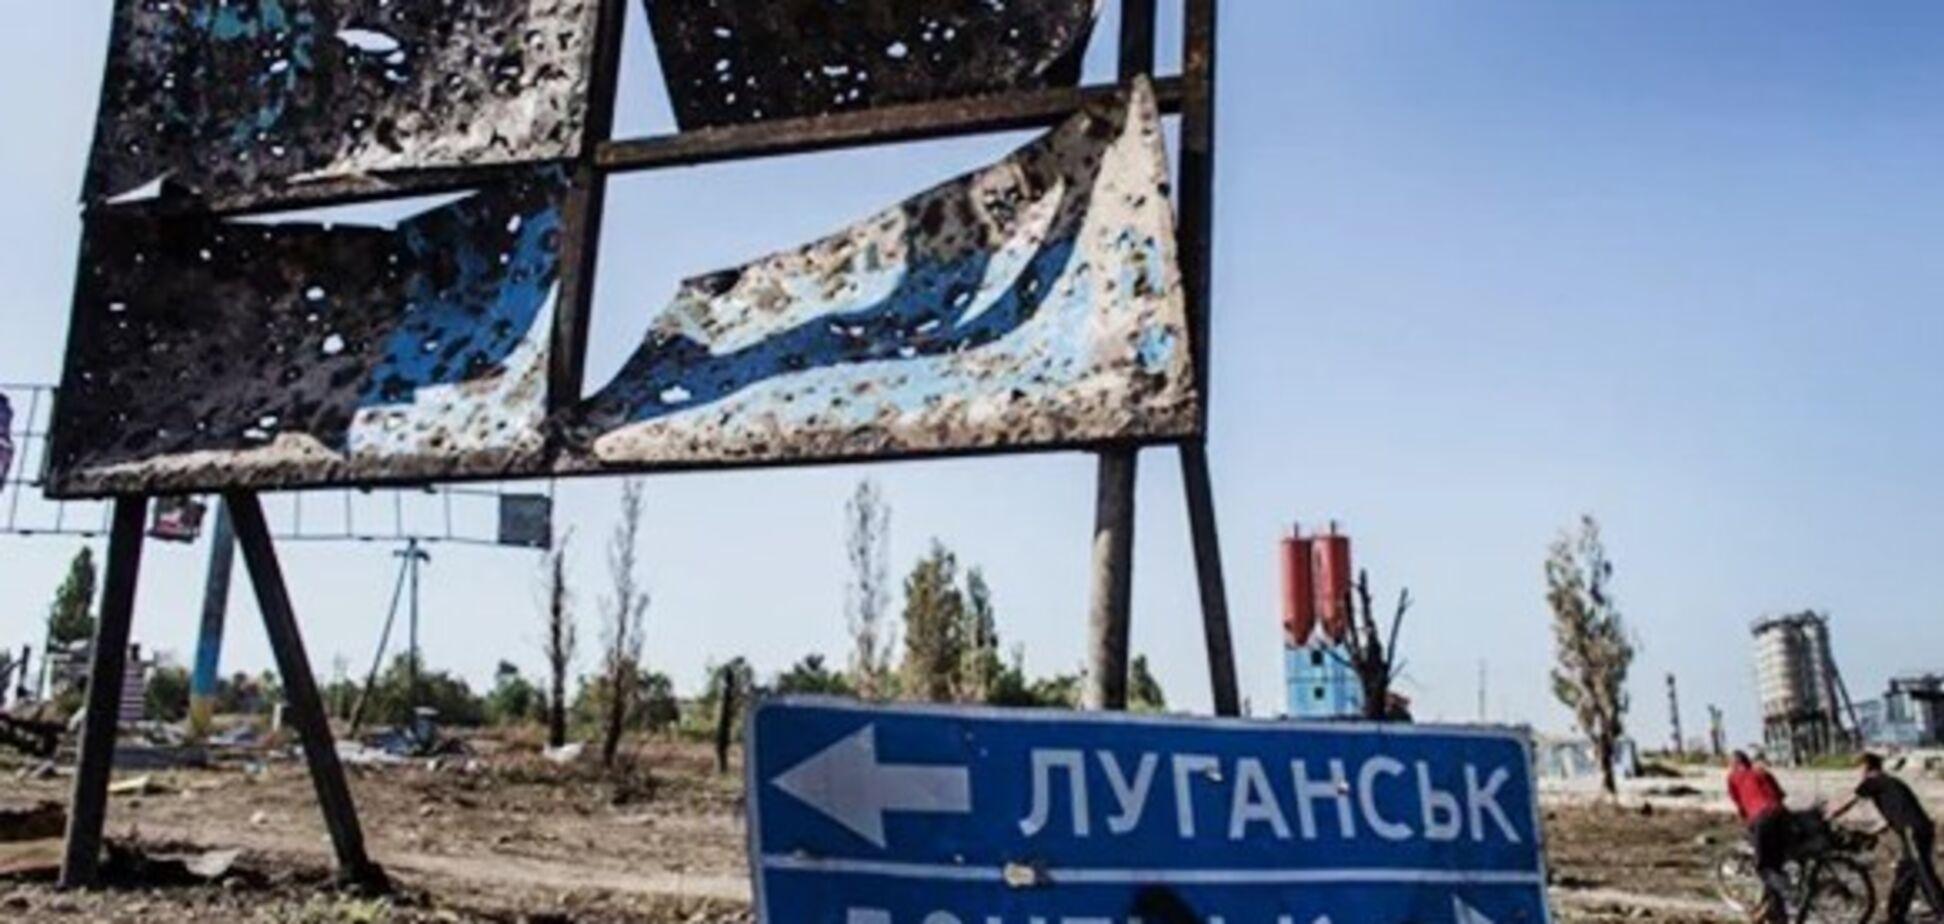 'Може спровокувати': Росія відреагувала на підписання закону про реінтеграцію Донбасу